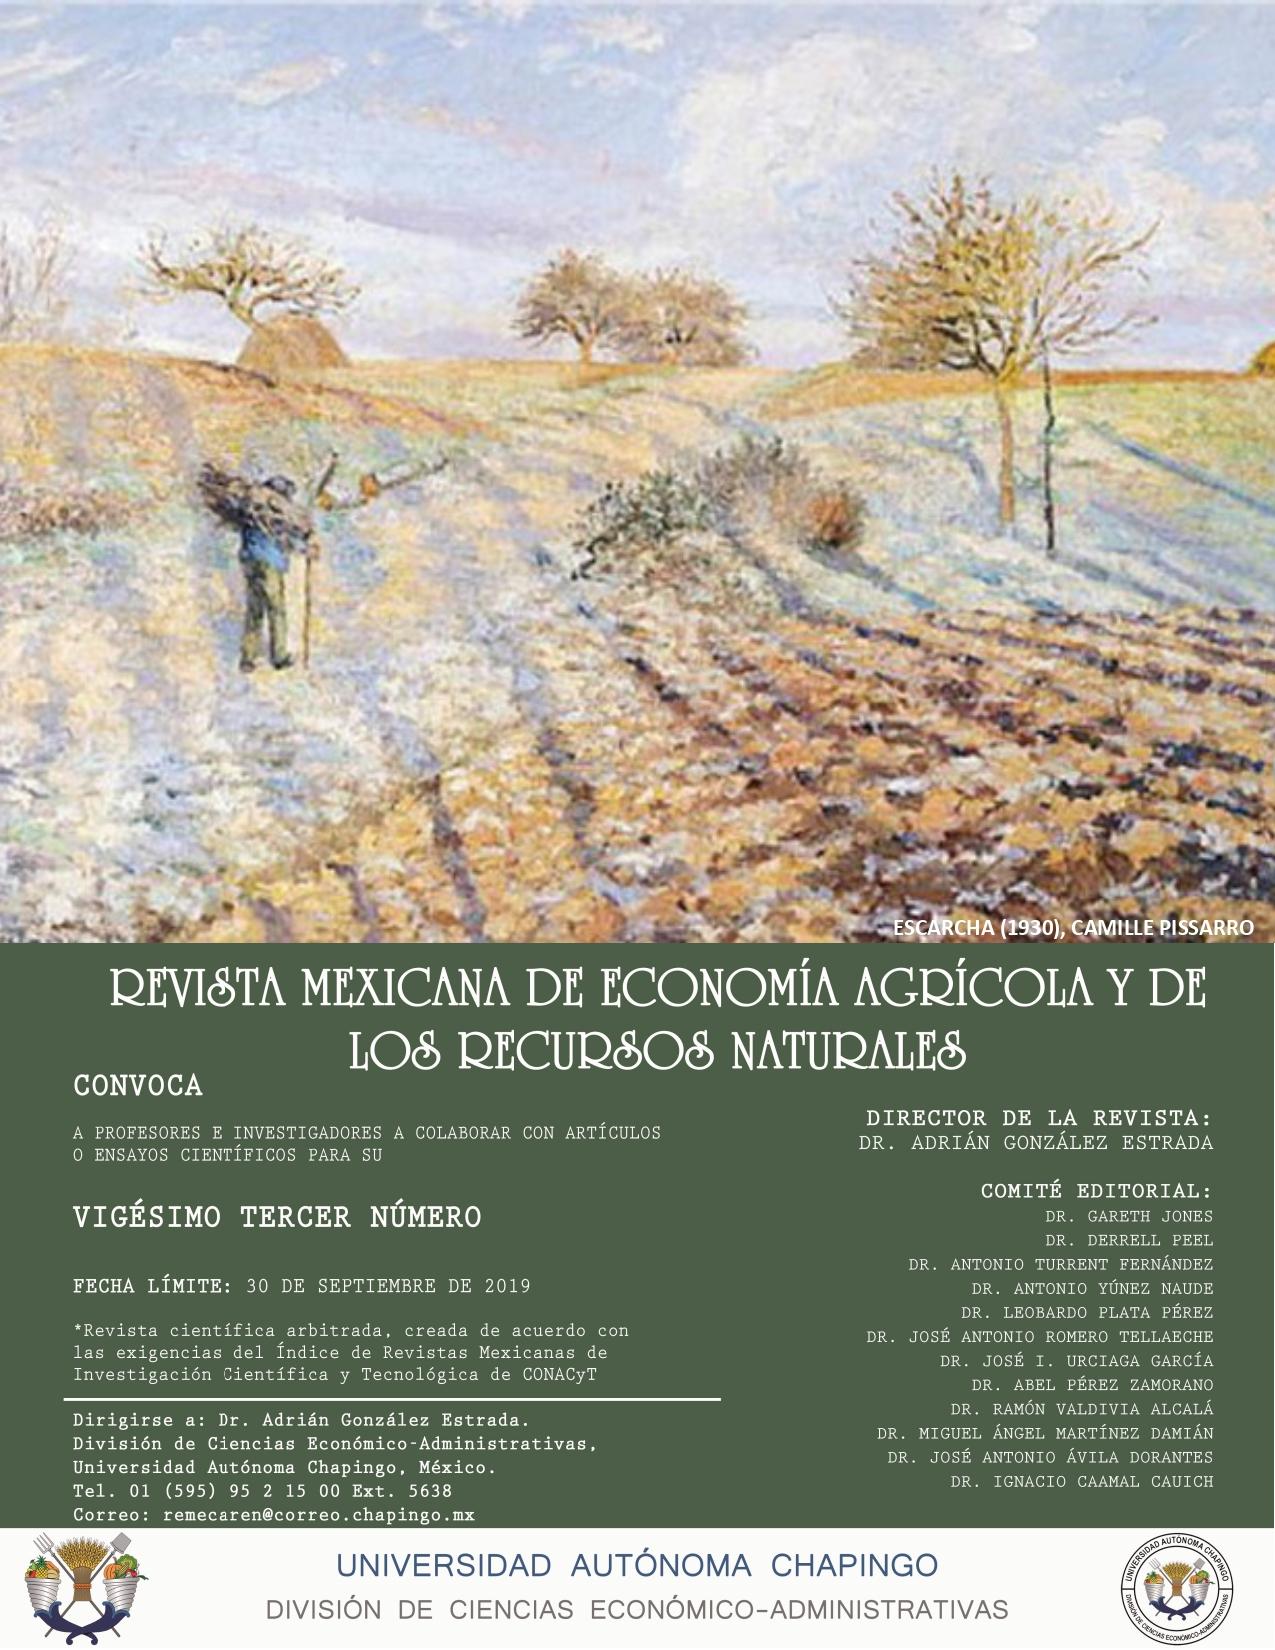 Convocatoria Revista Mexicana de Economía Agrícola y de los Recursos Naturales